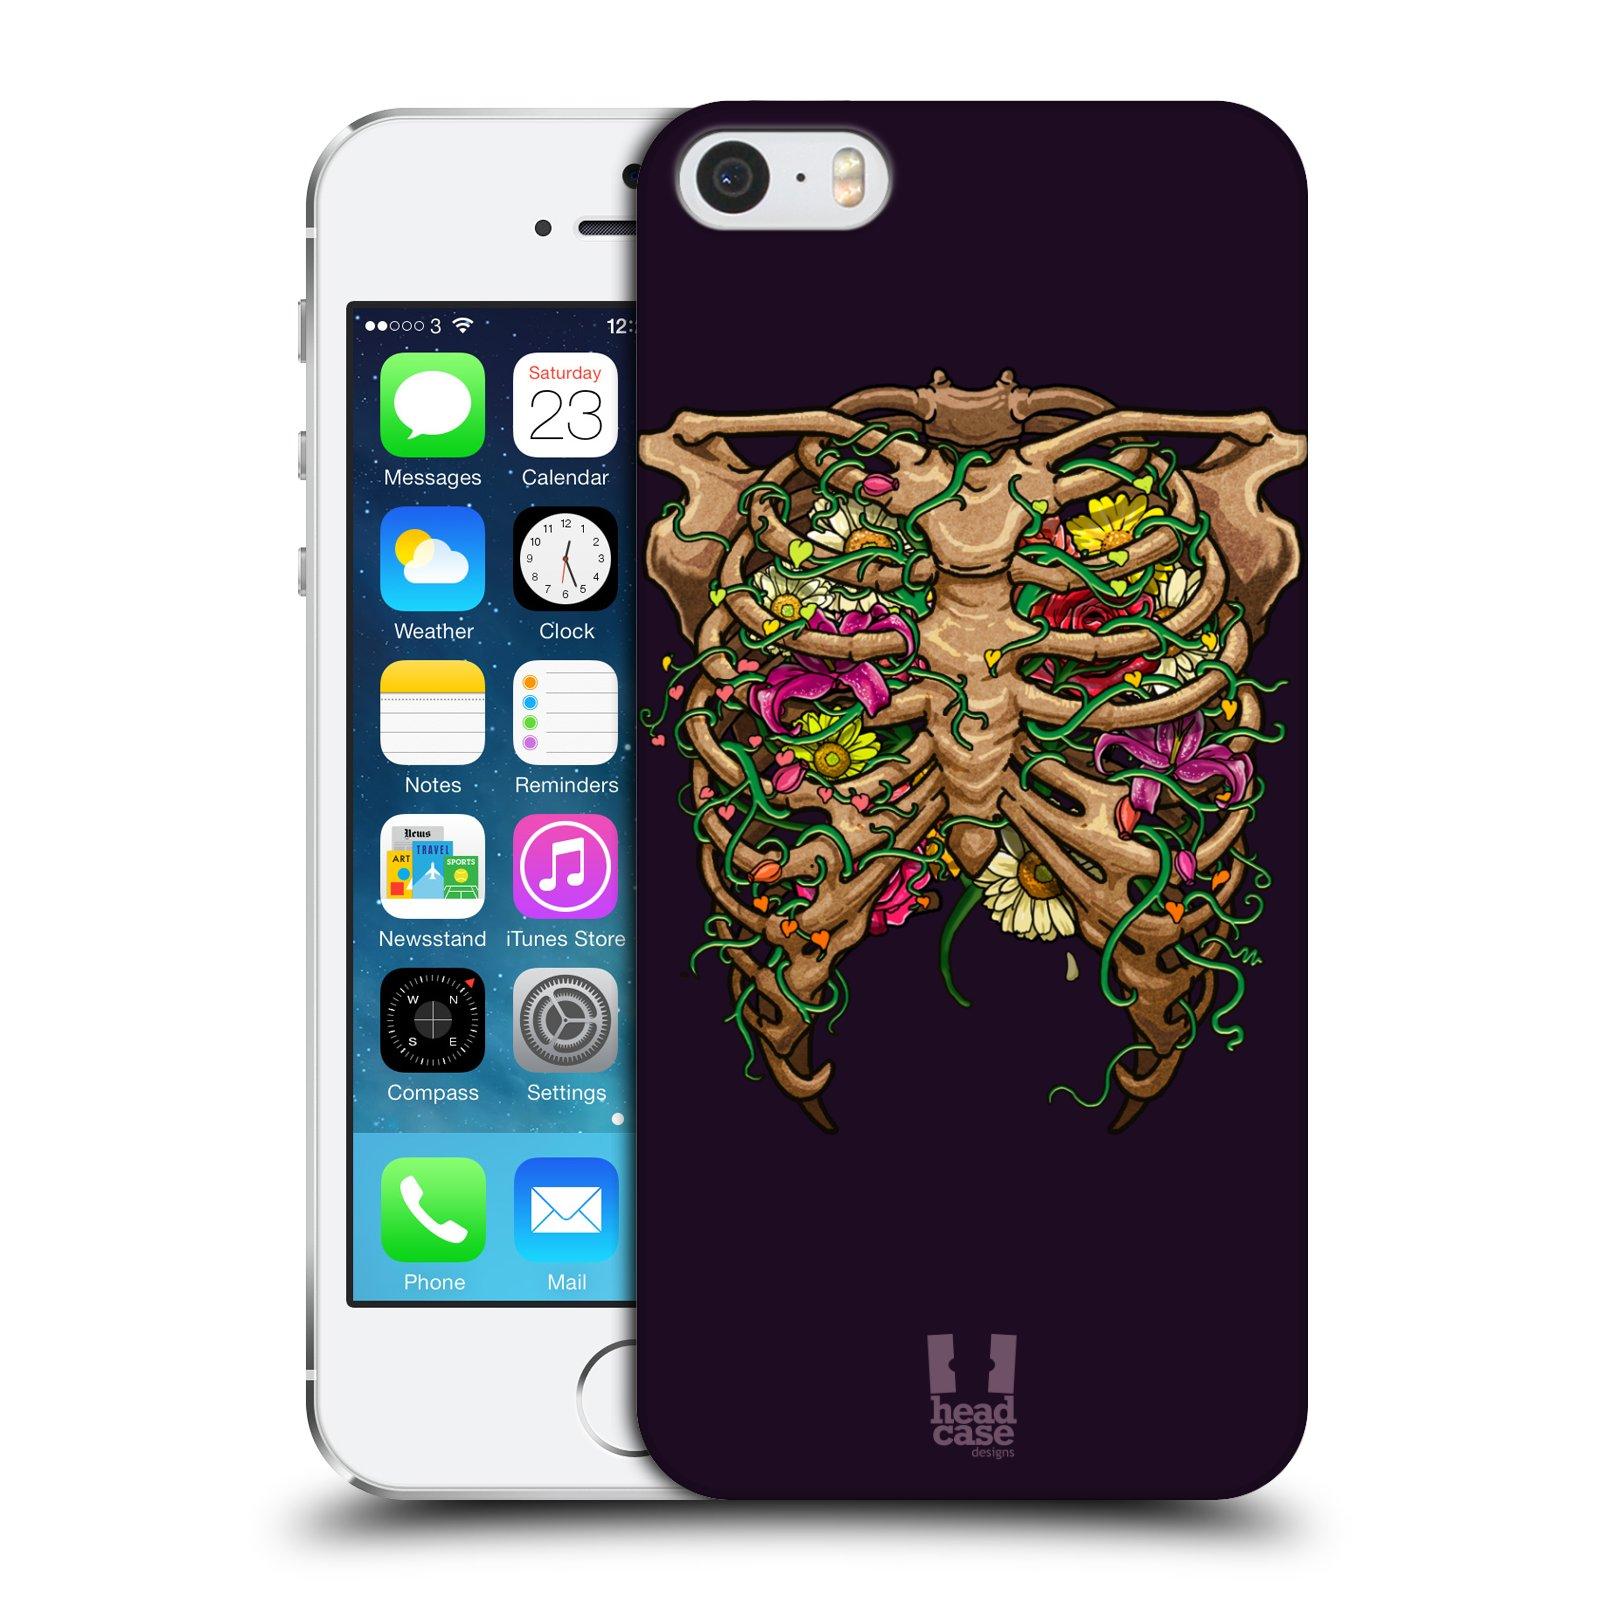 Anatomy Of Iphone 5